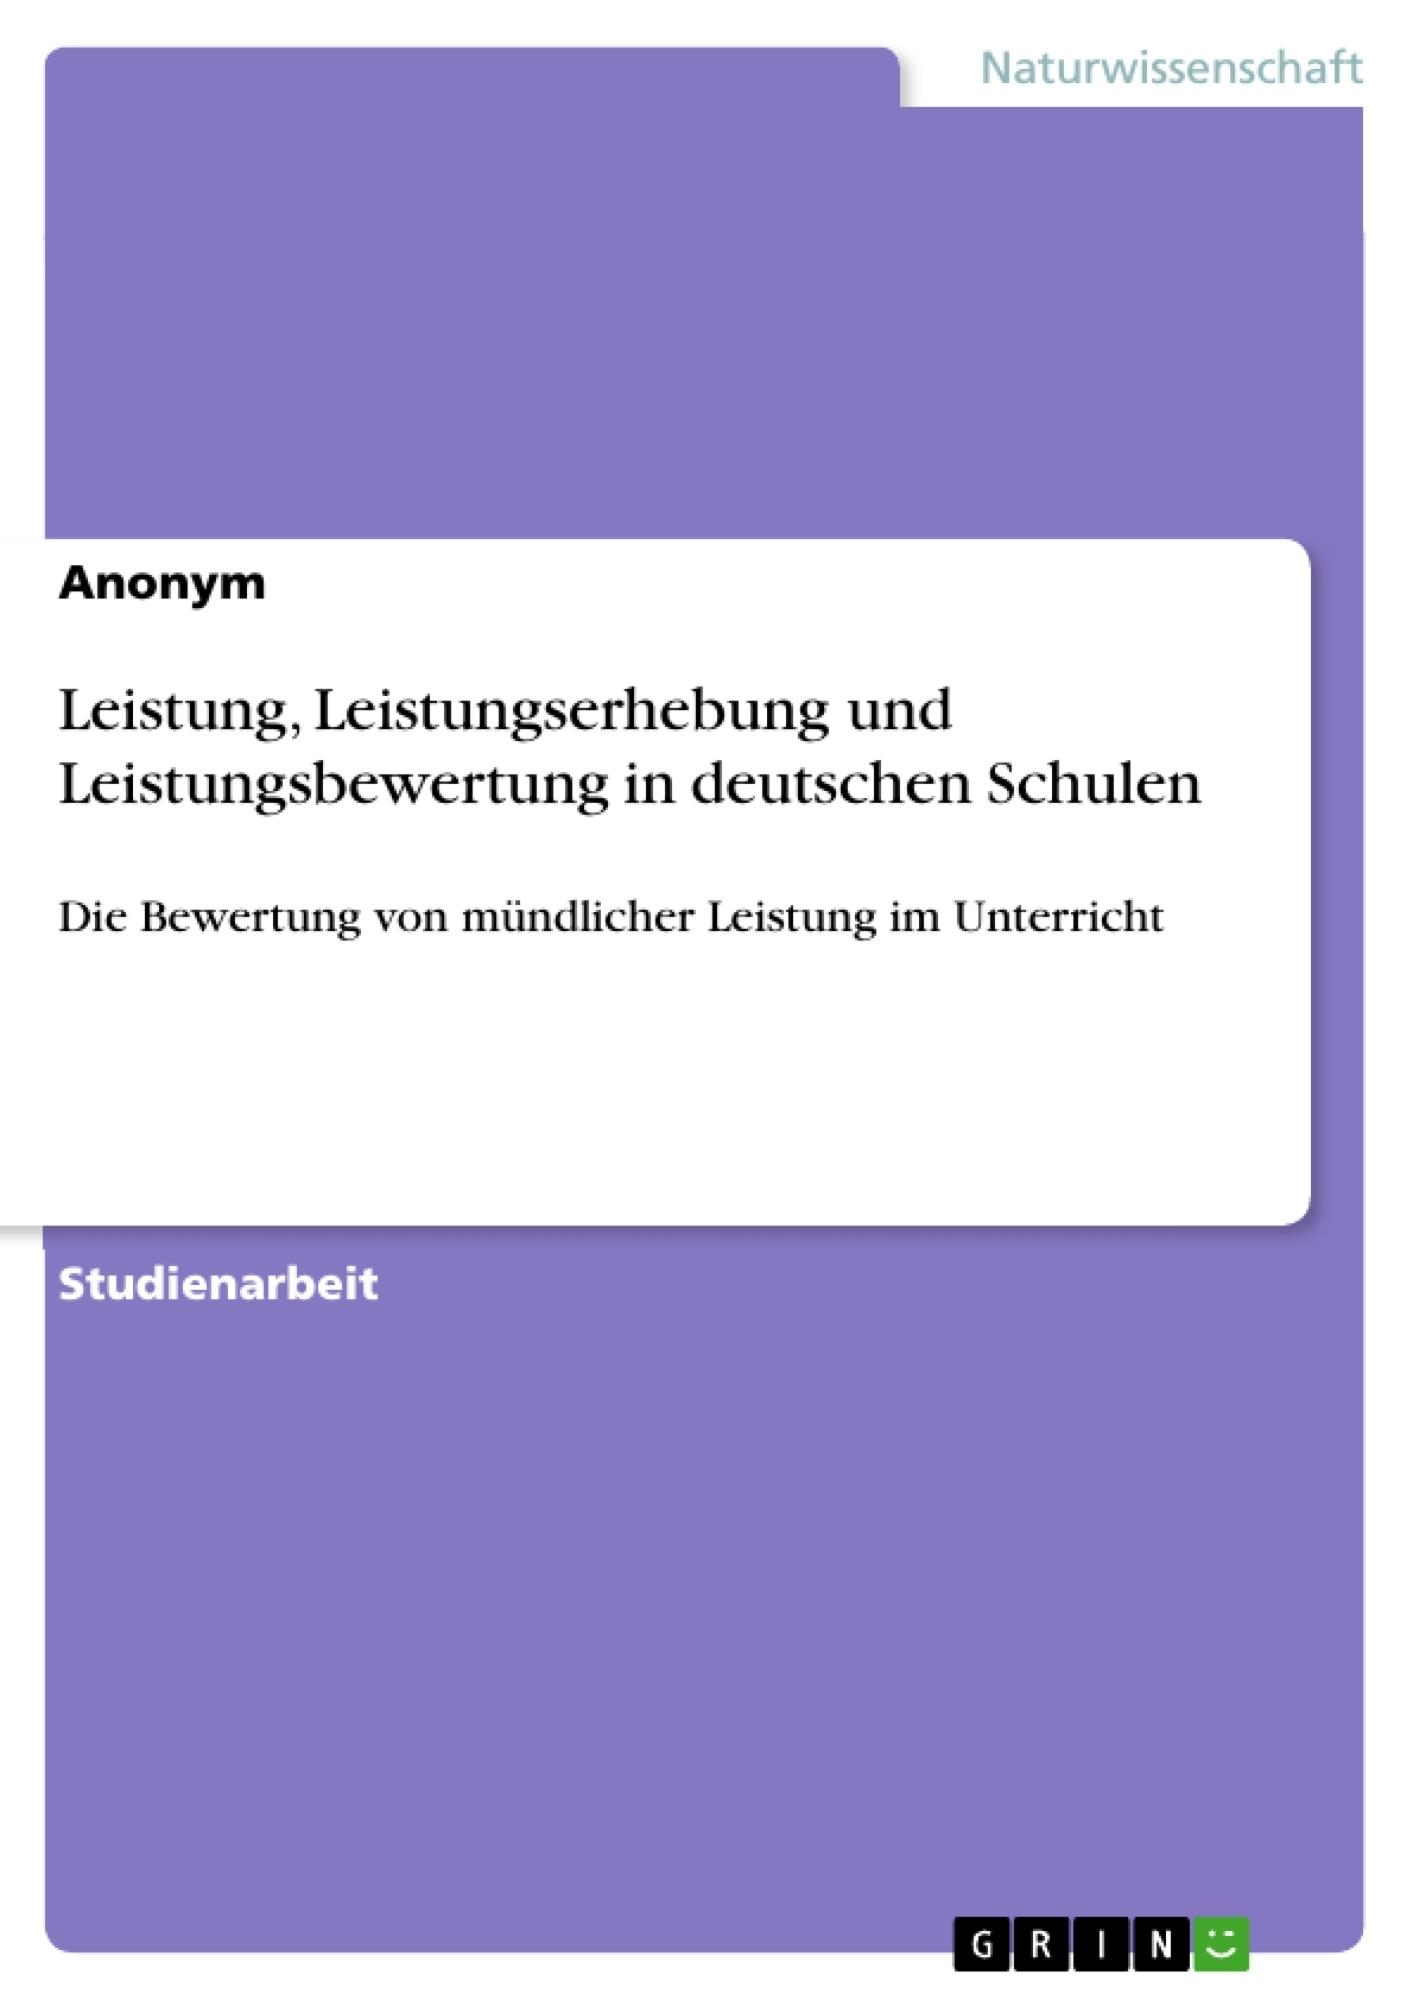 Titel: Leistung, Leistungserhebung und Leistungsbewertung in deutschen Schulen